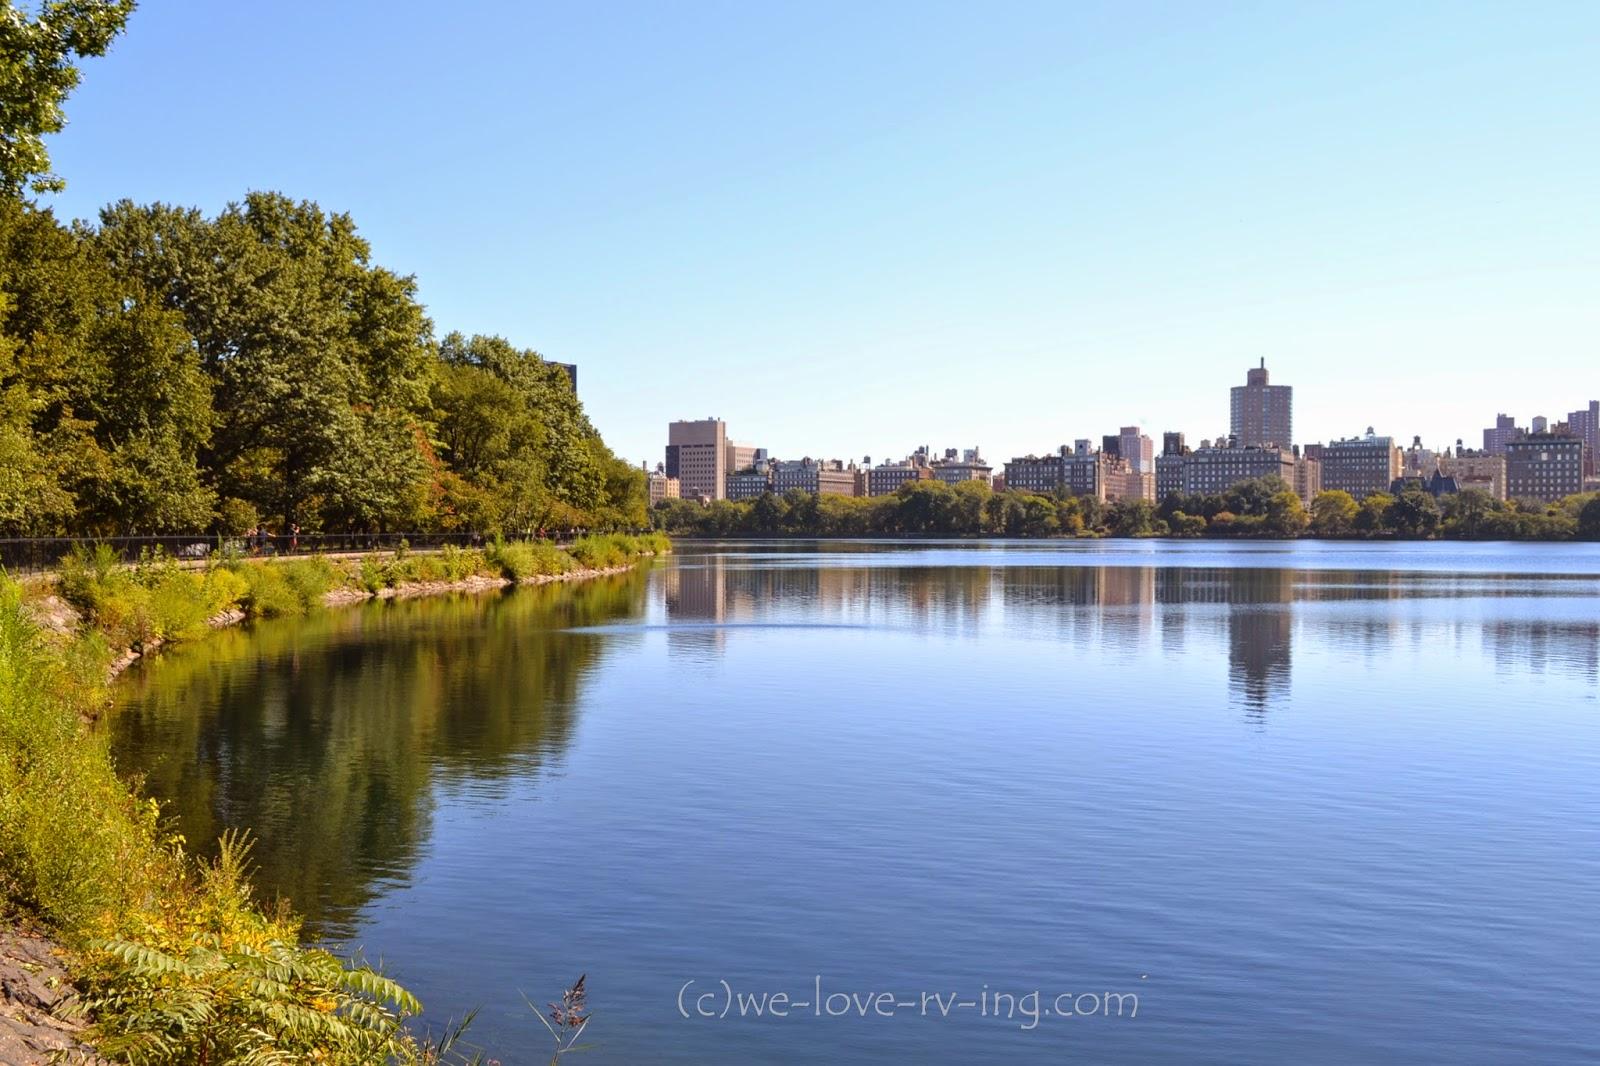 Entrance Central Park Reservoir Reservoir Central Park